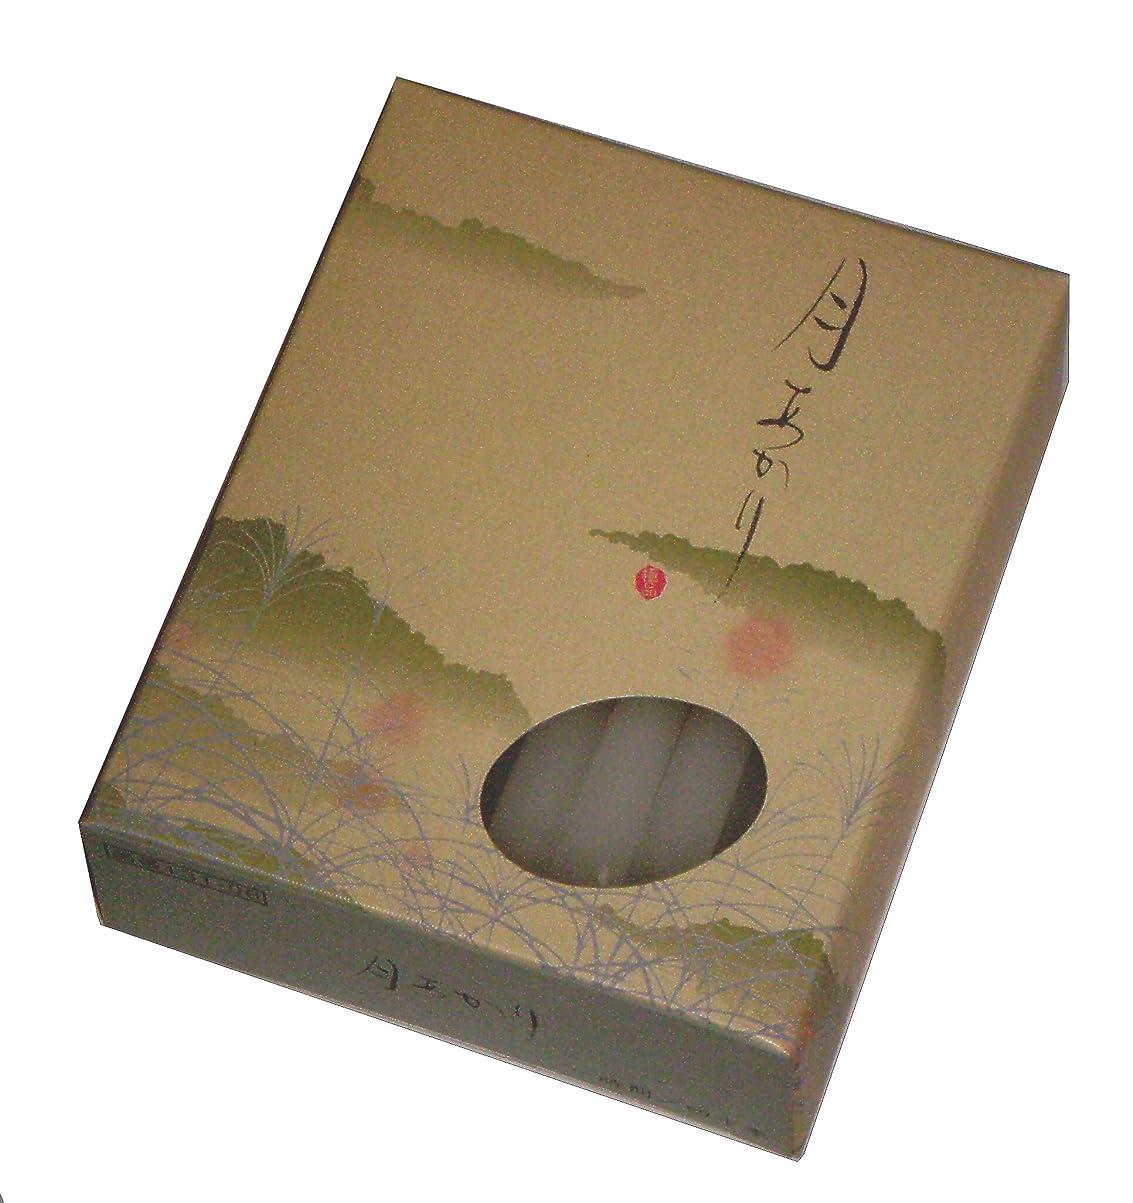 コットン不純体系的に東海製蝋のろうそく 月あかり 1時間40本